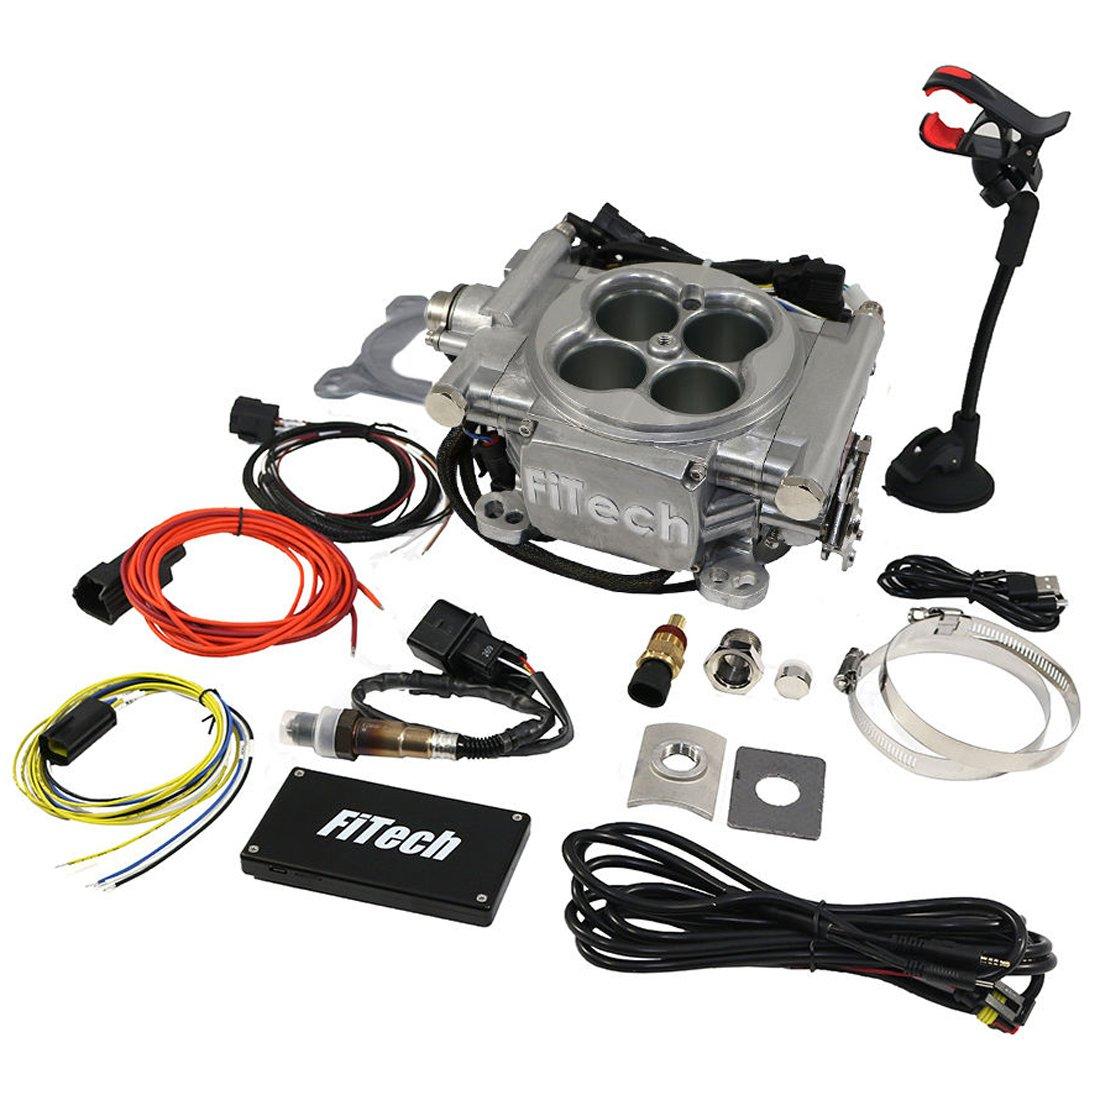 Amazon.com: Fuel Injector Kits - Fuel Injectors & Parts: Automotive